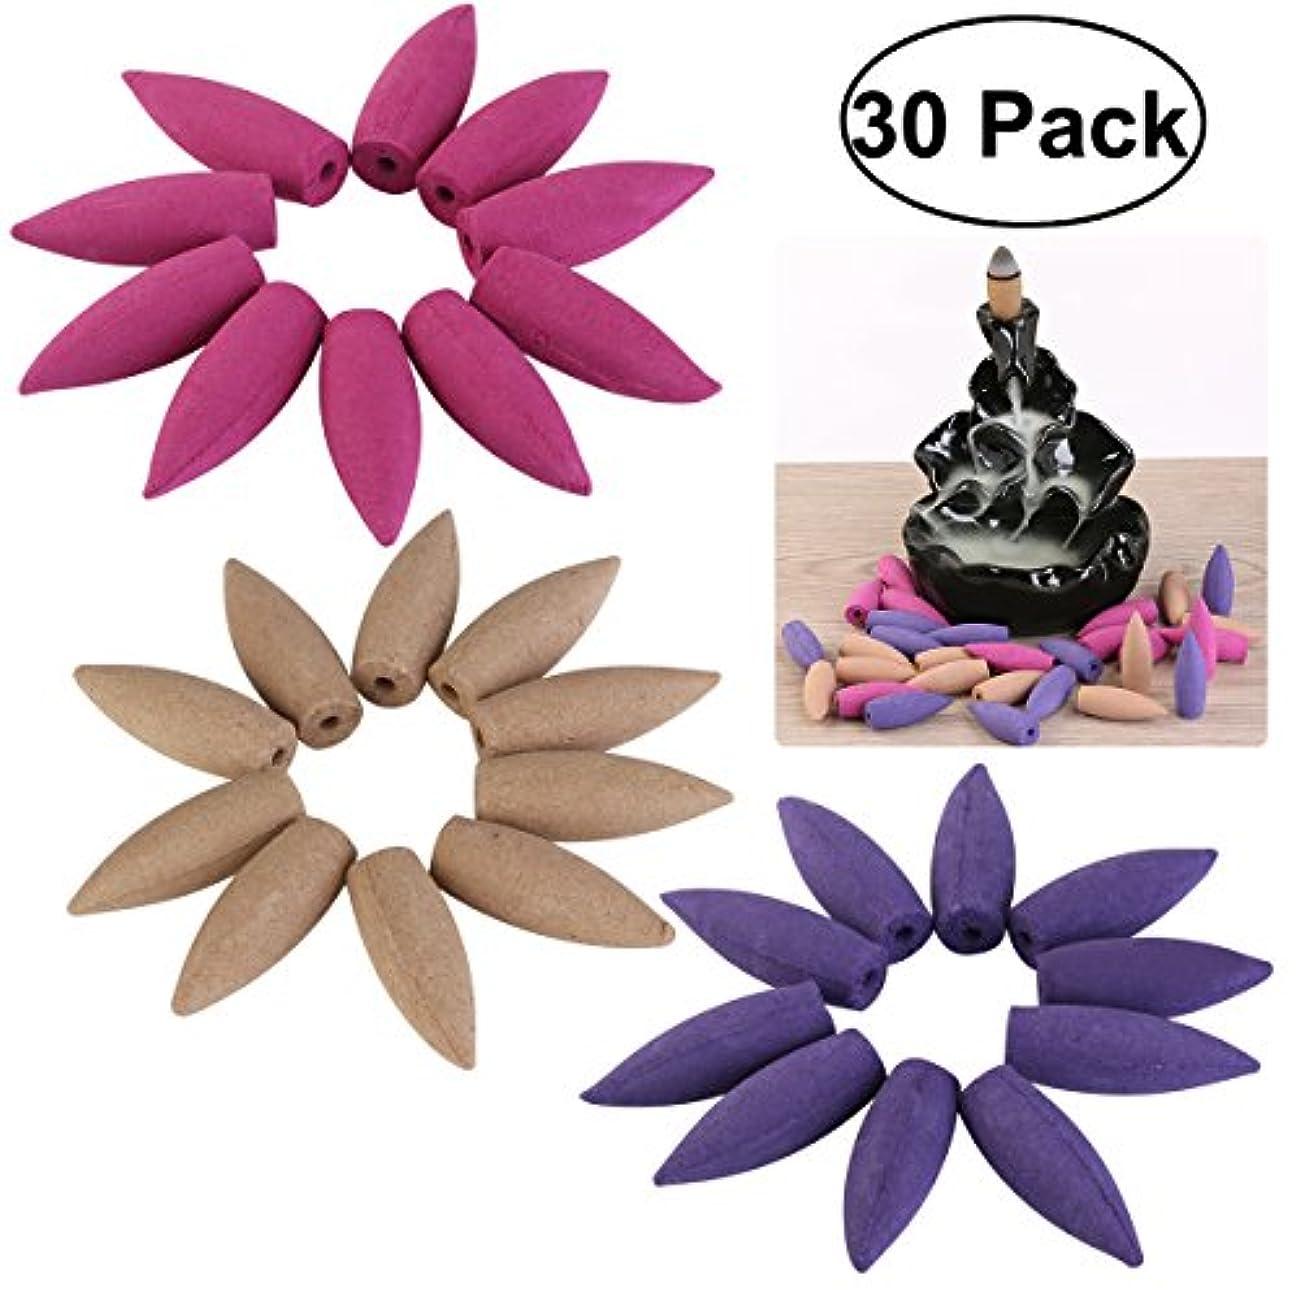 熟した集中ピューHEALIFTY 30個のバックフロー香コーンバレット香コーンローズラベンダーサンデルウッド香